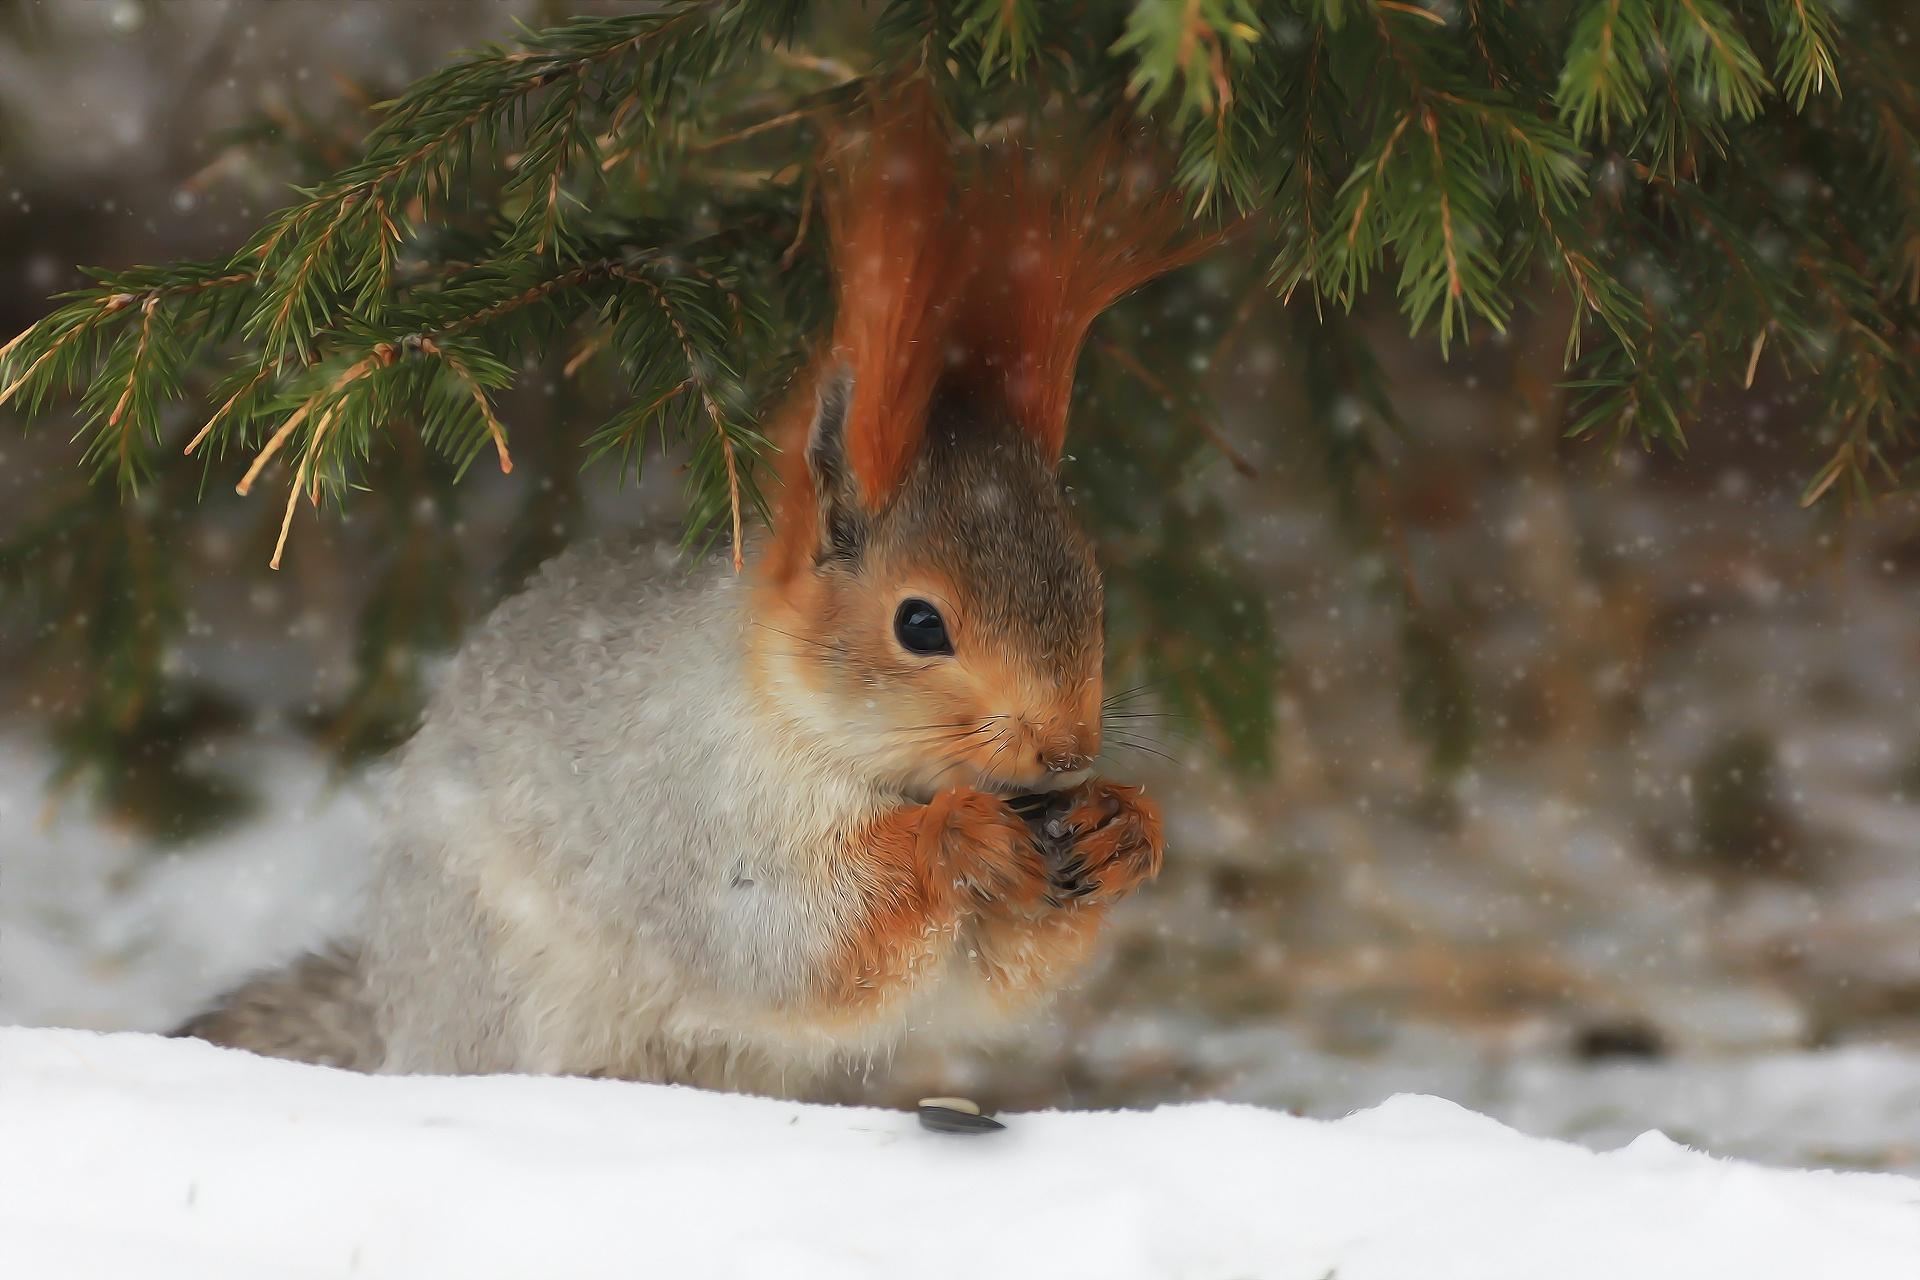 Лесные животные фото новогодние